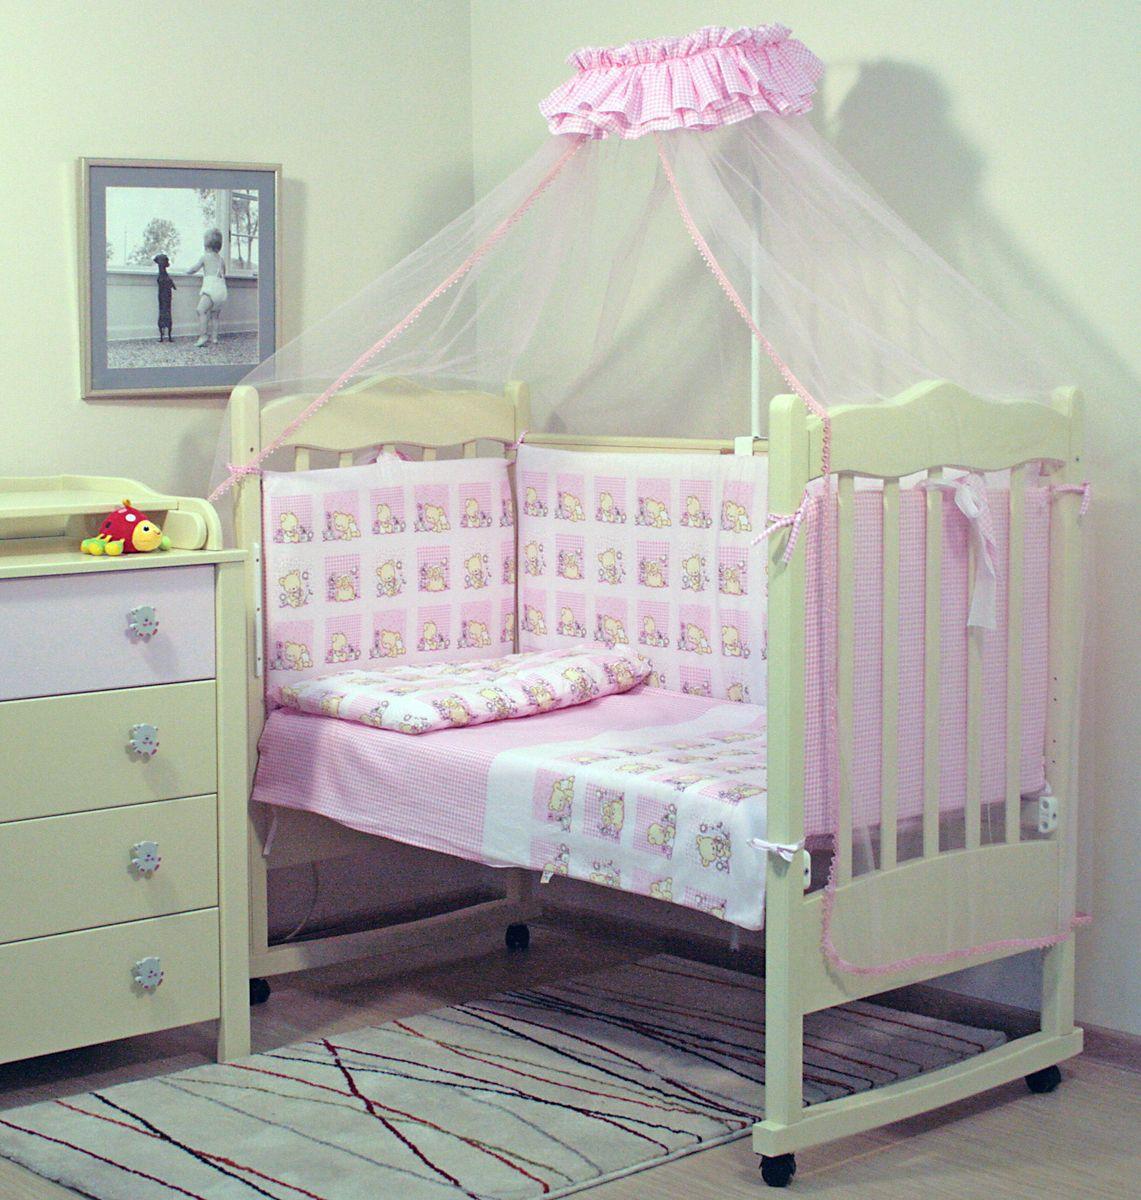 Топотушки Комплект детского постельного белья Мишутка цвет розовый 7 предметов